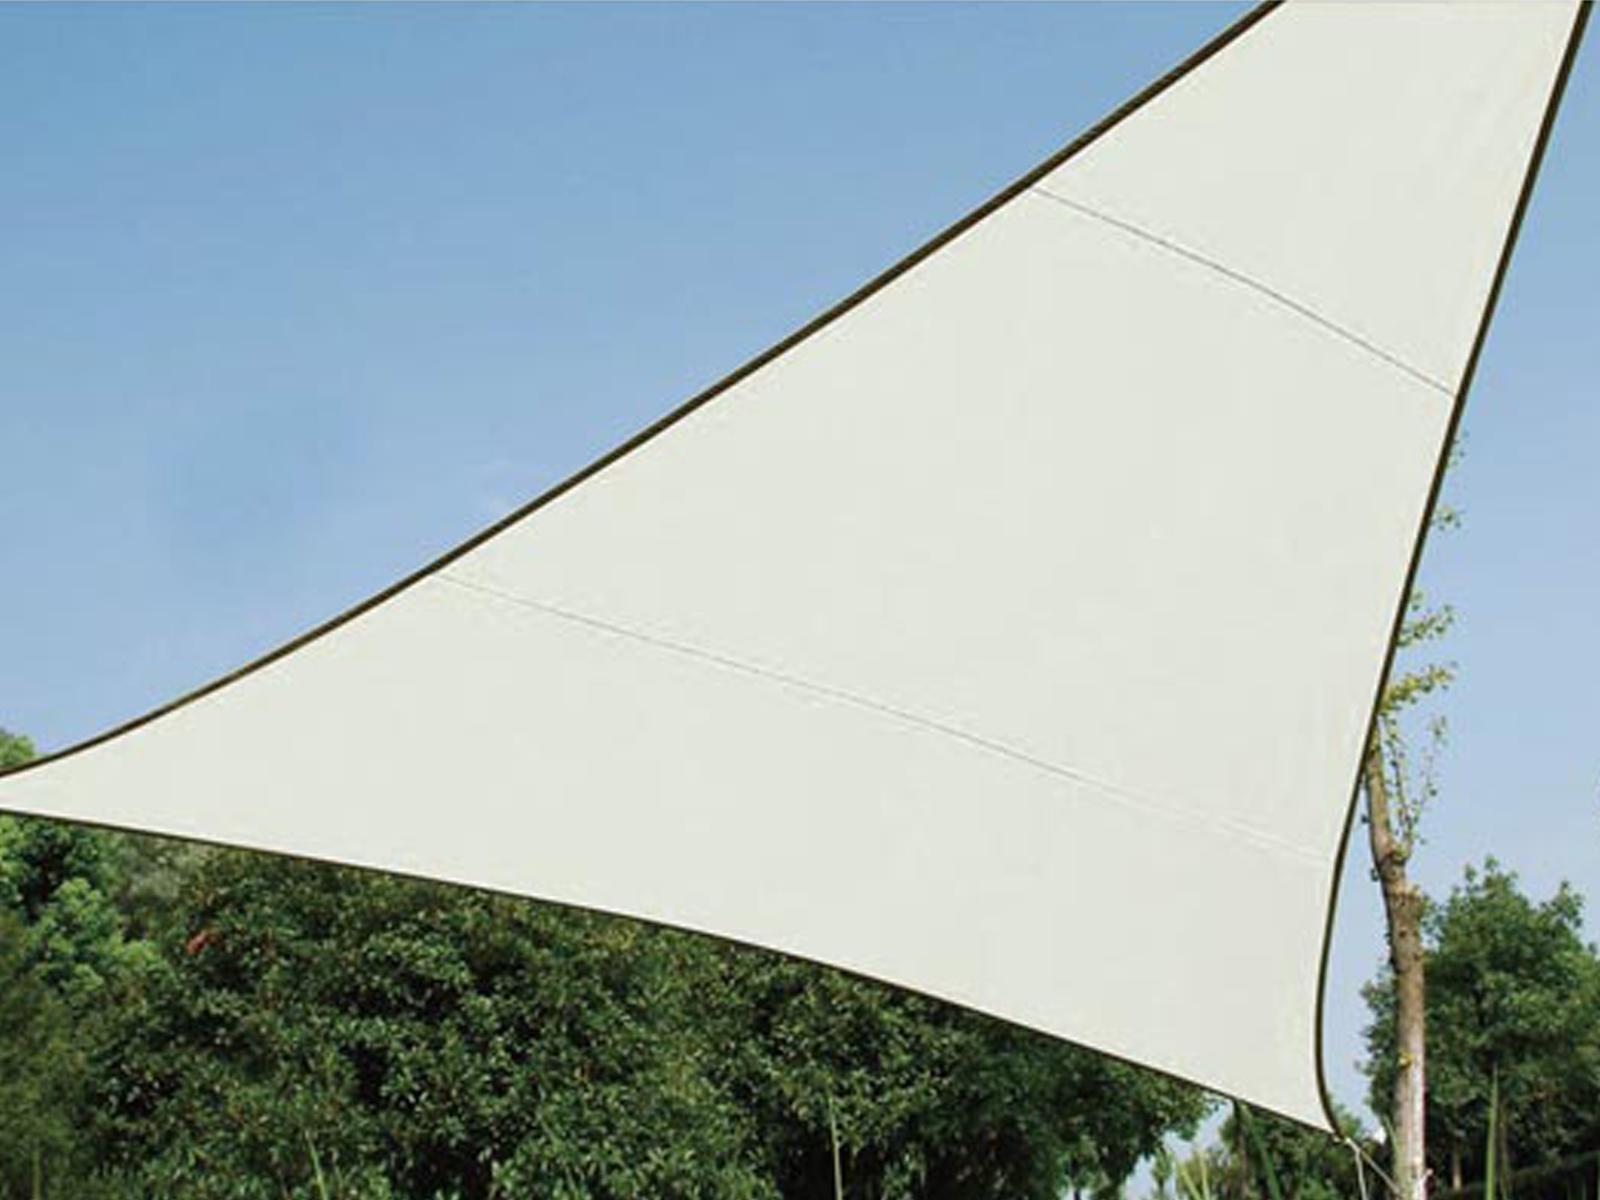 Sonnensegel Regenschutz PEREL, Cremefarben, 500 x 500 x 500 cm, Wasserabweisend